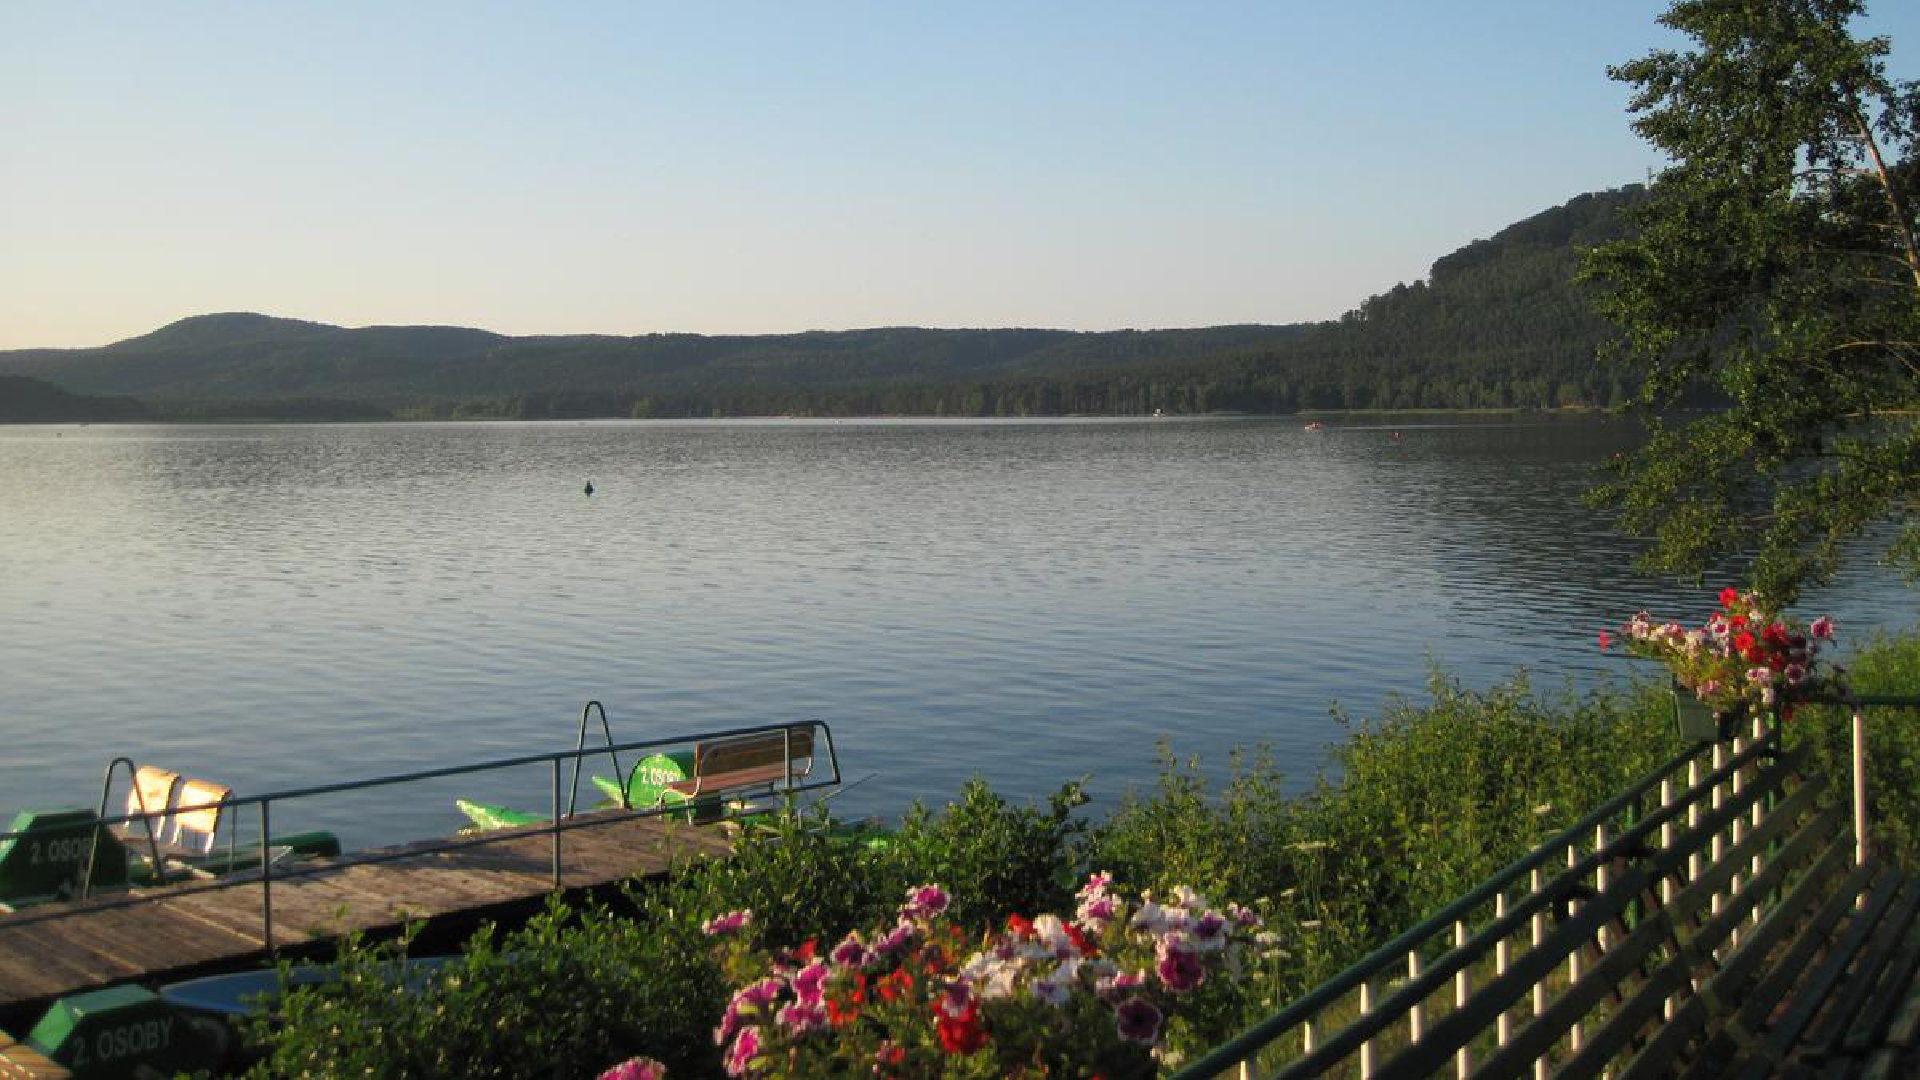 Máchovo jezero průvodce – Ubytování, kempy, počasí i mapa